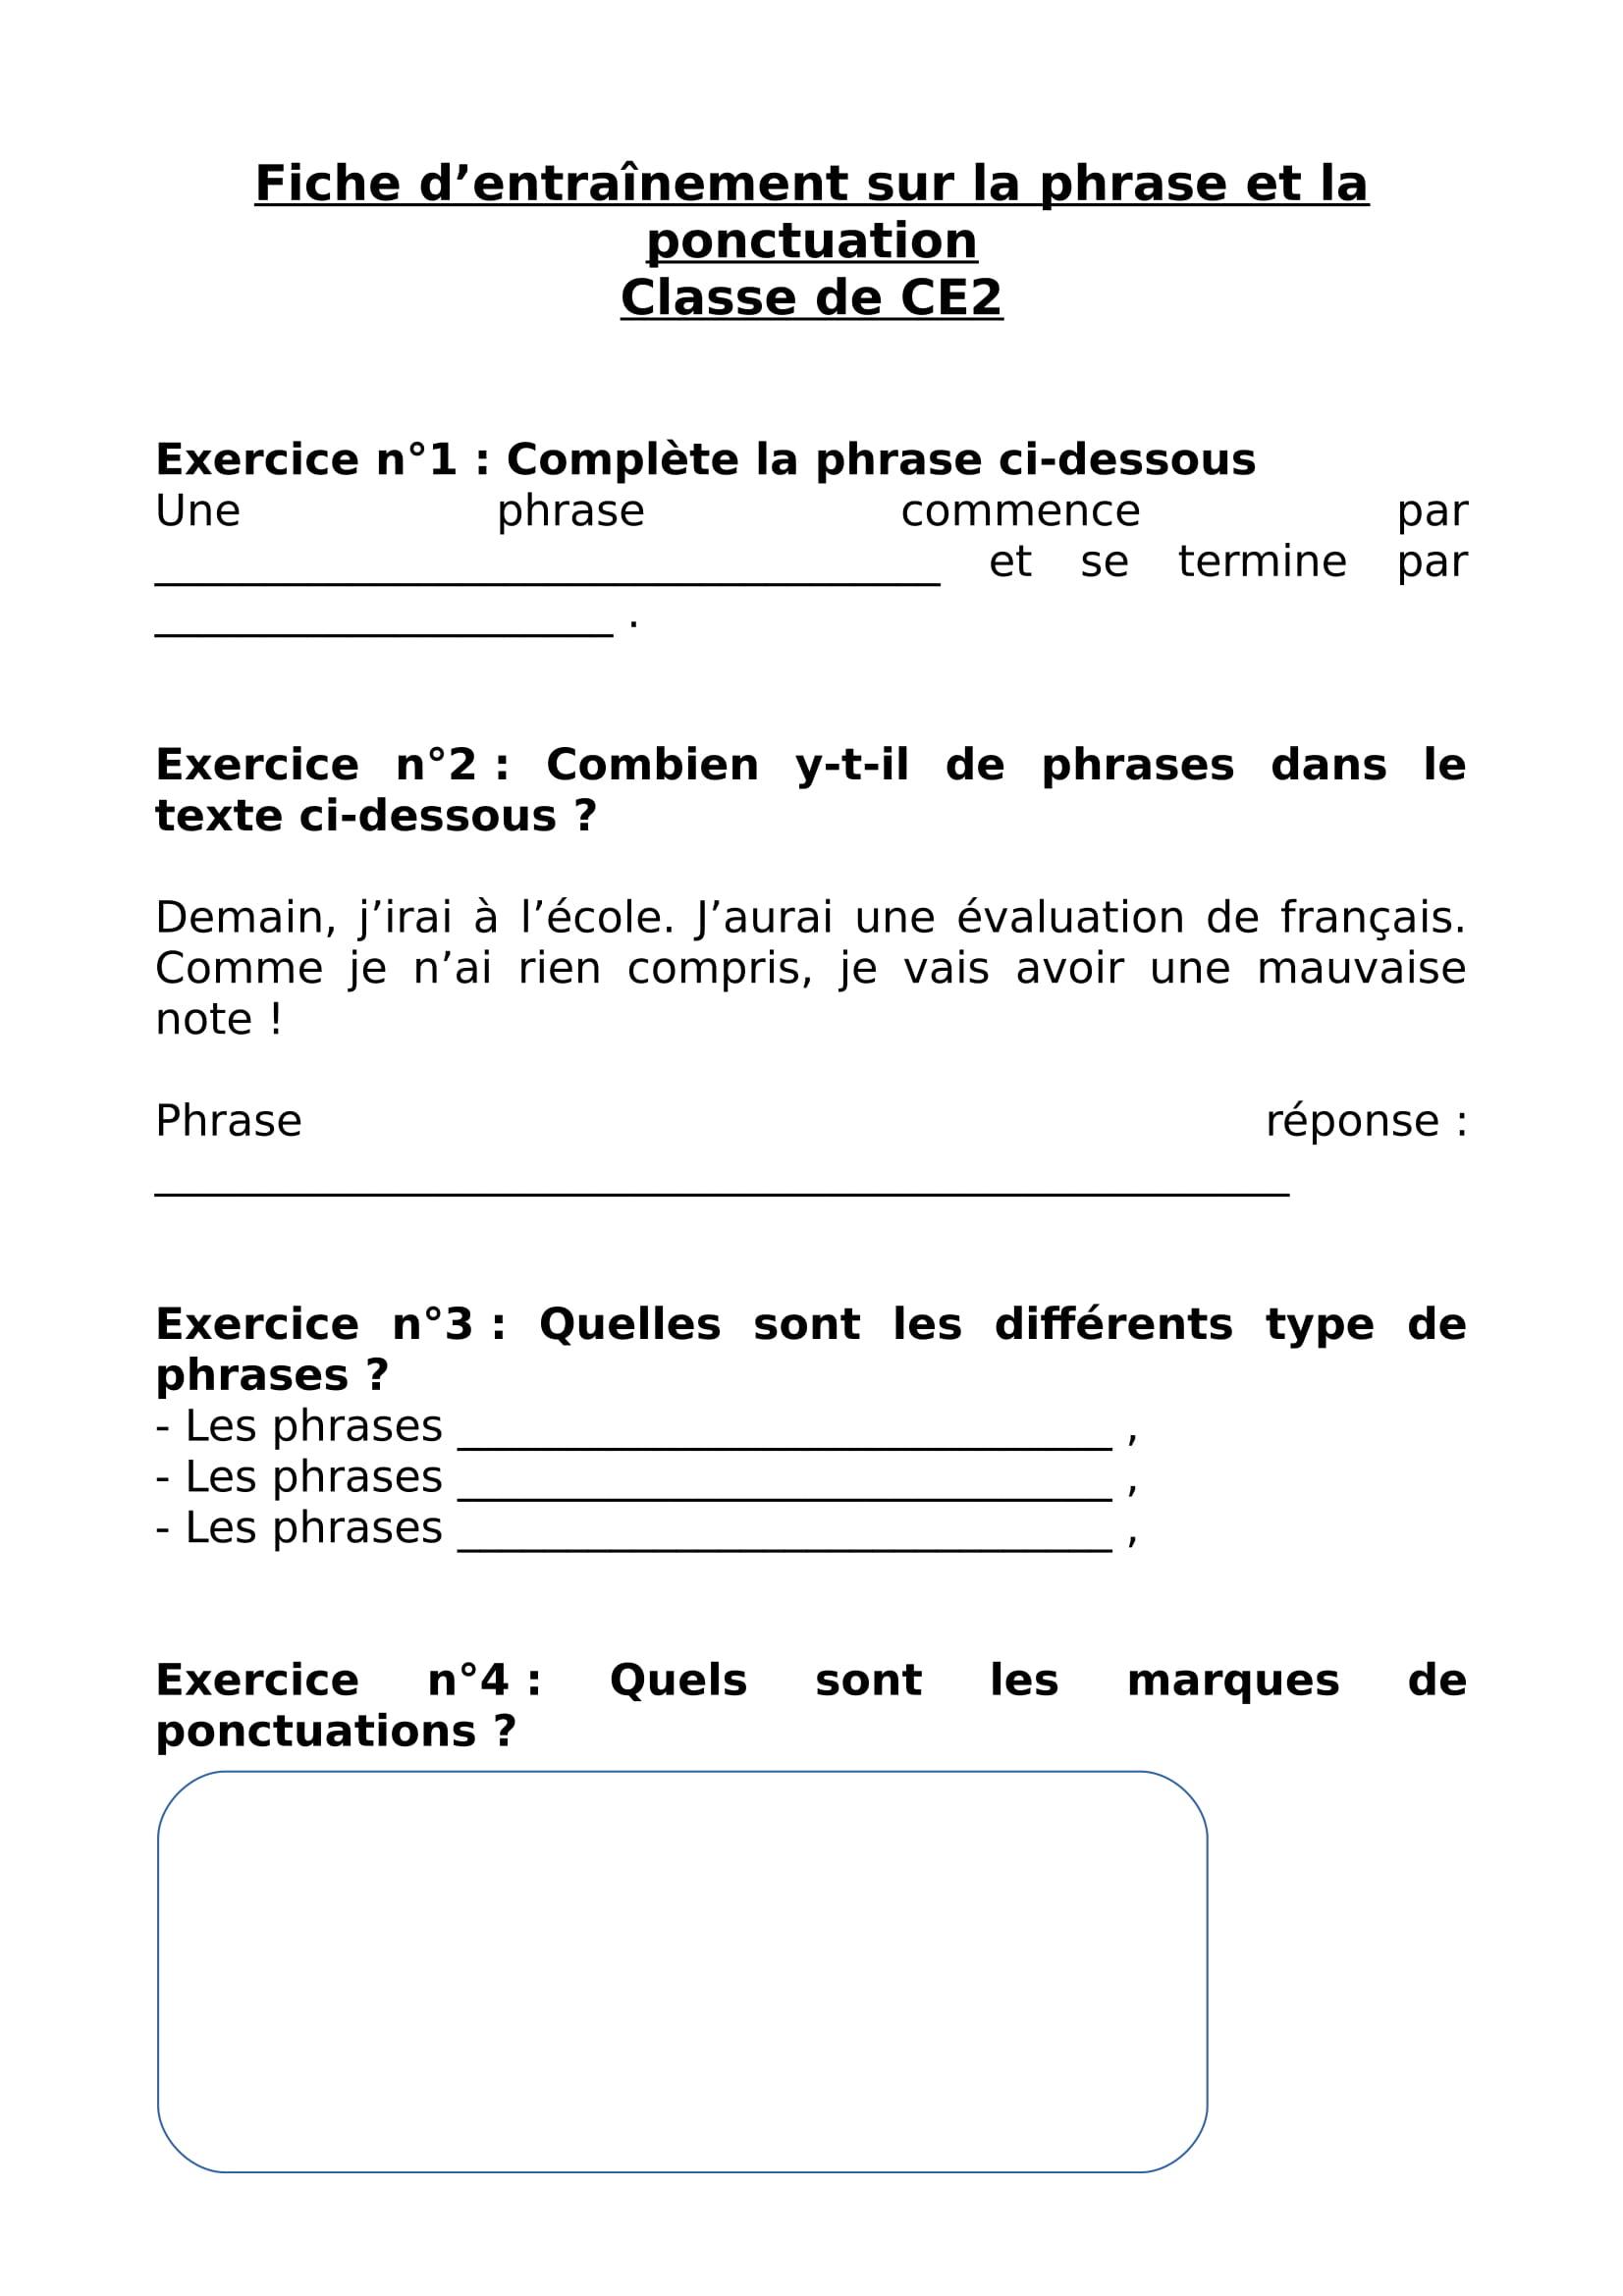 Revision Scolaire Fiche D Entrainement Sur La Phrase Et La Ponctuation Niveau Ce2 Article